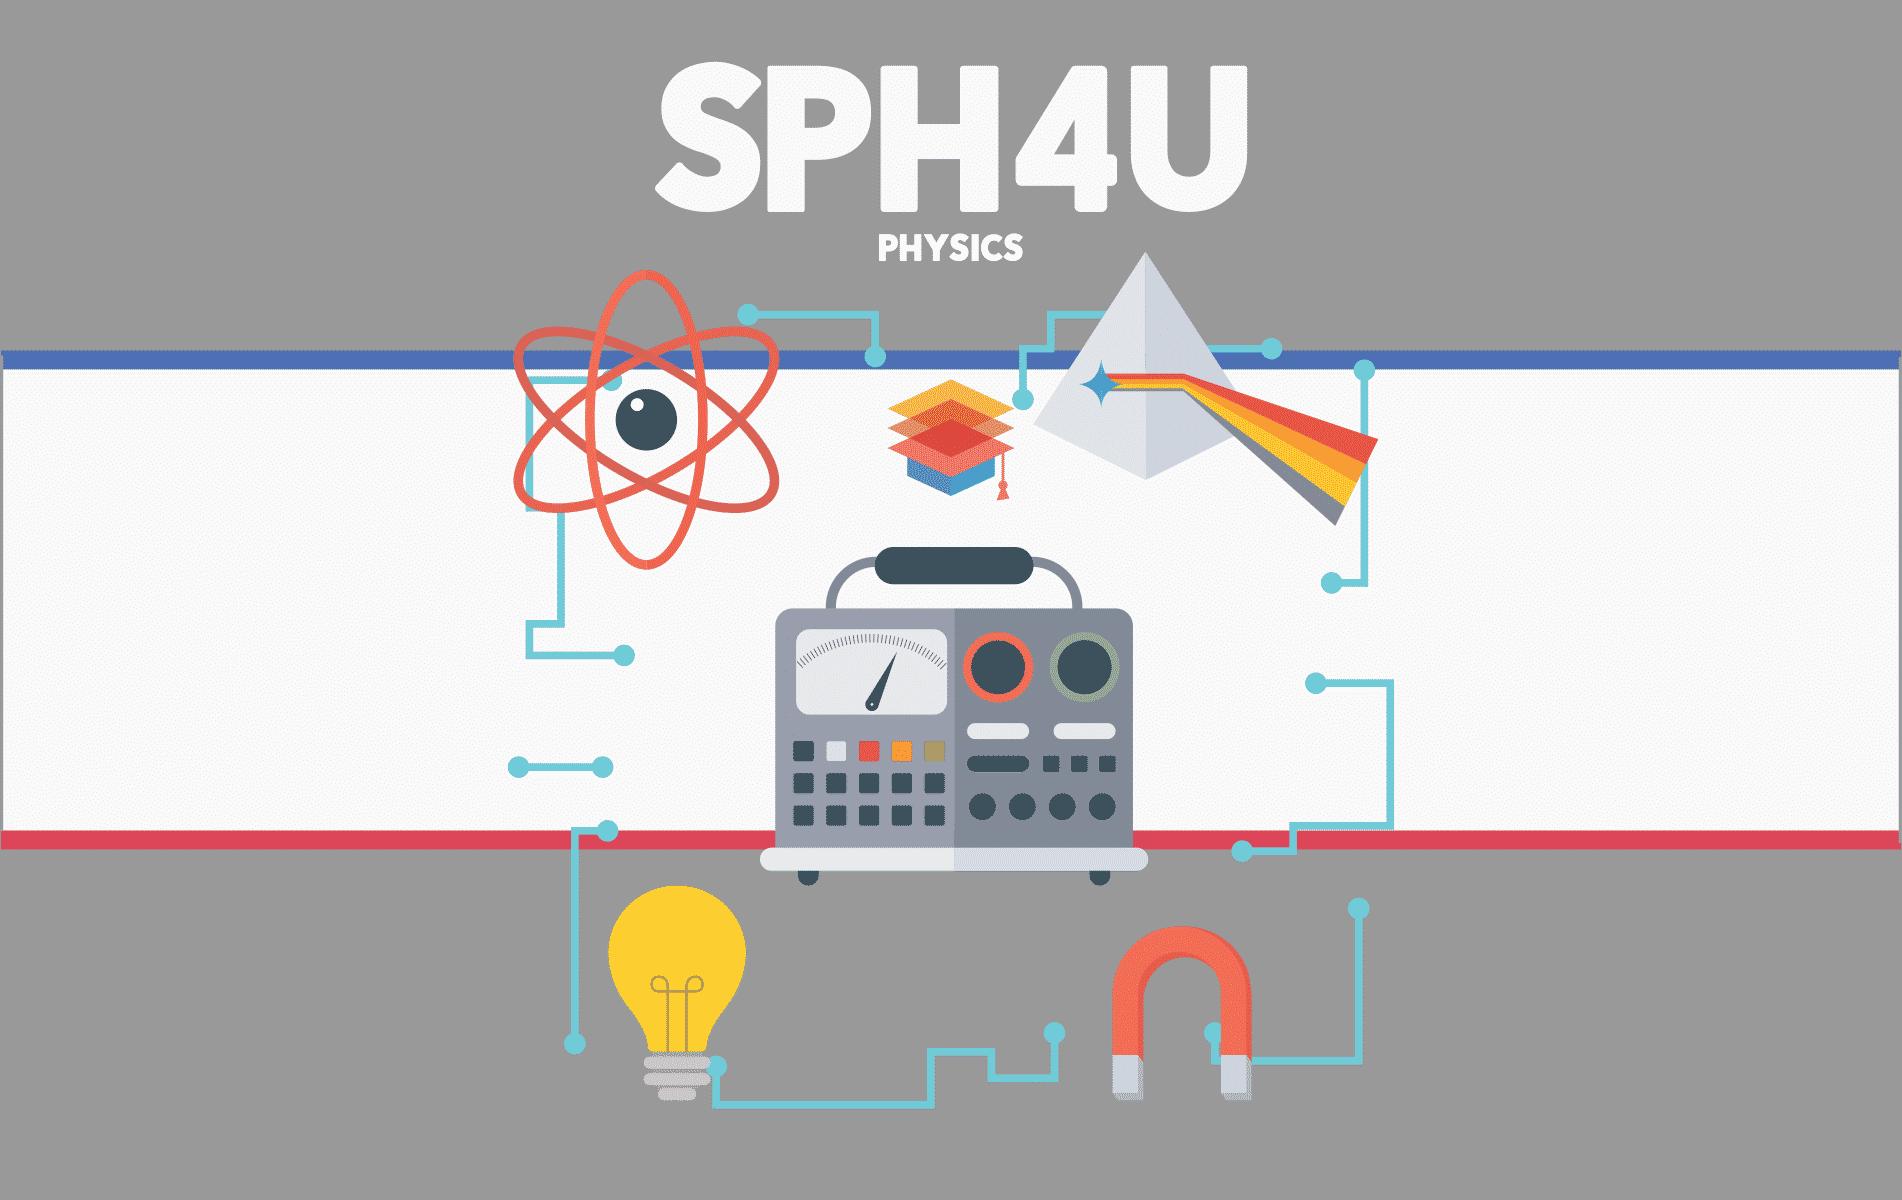 SPH4U